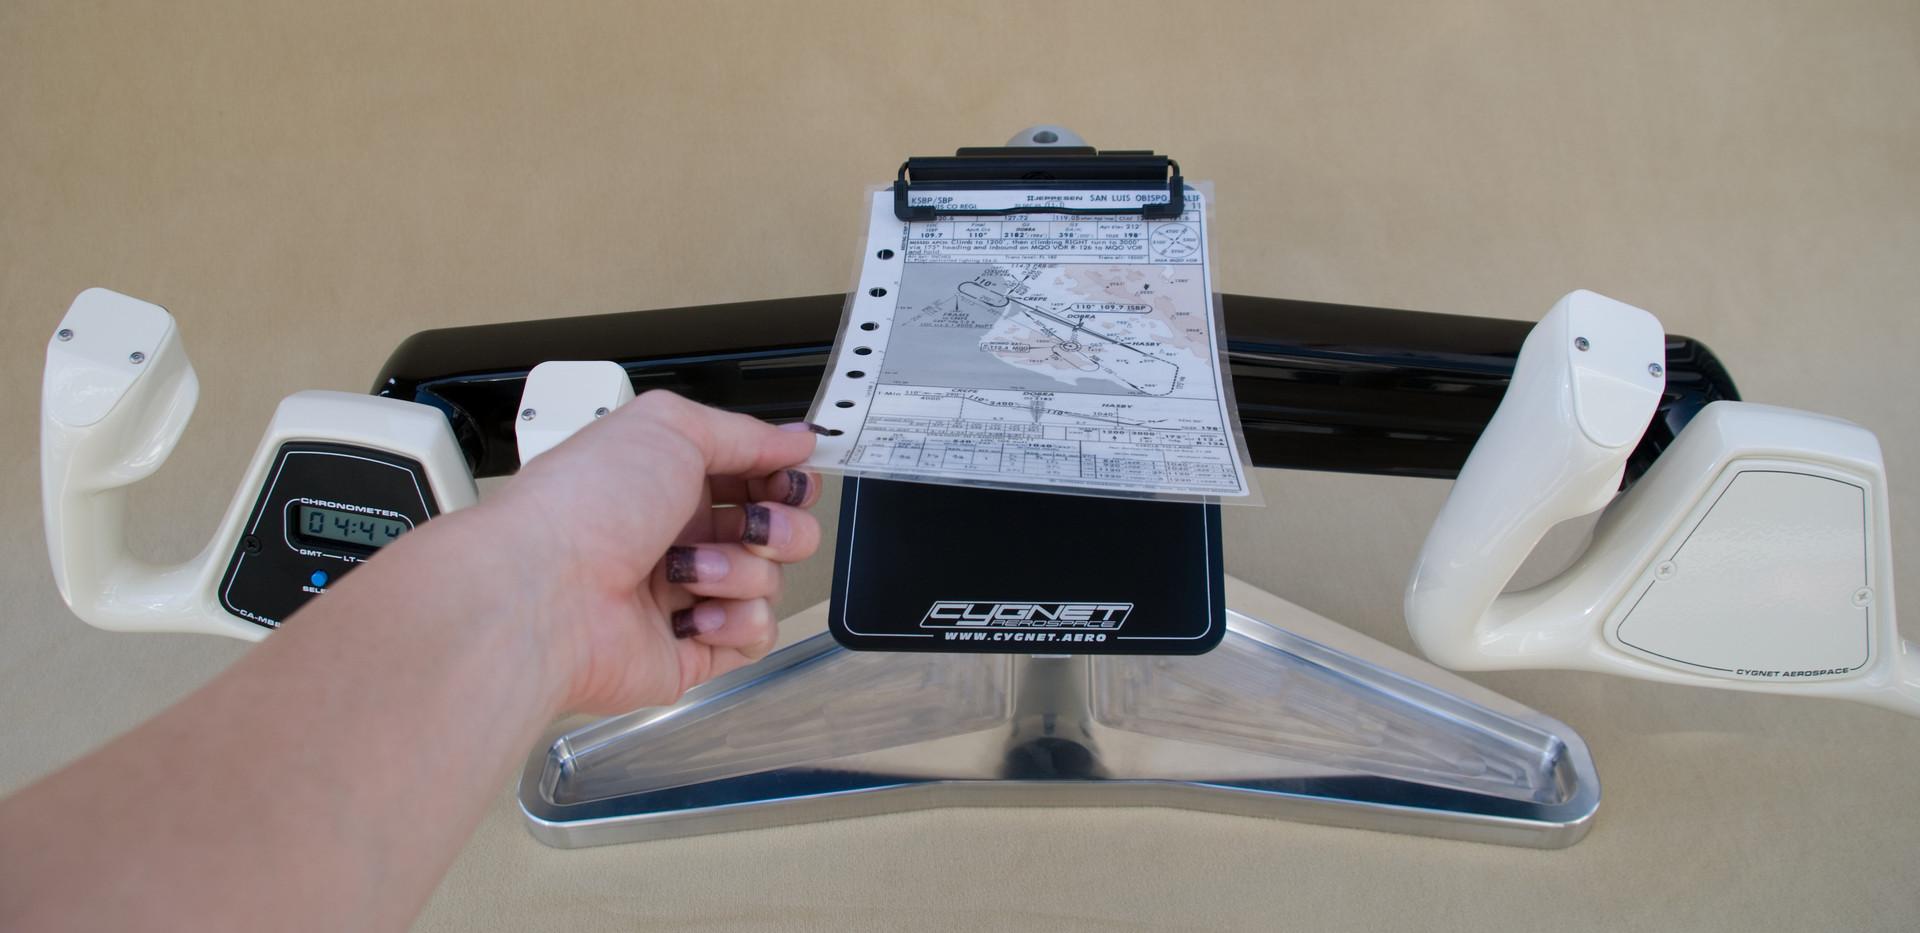 Beech Flight Desk With Chart.jpg